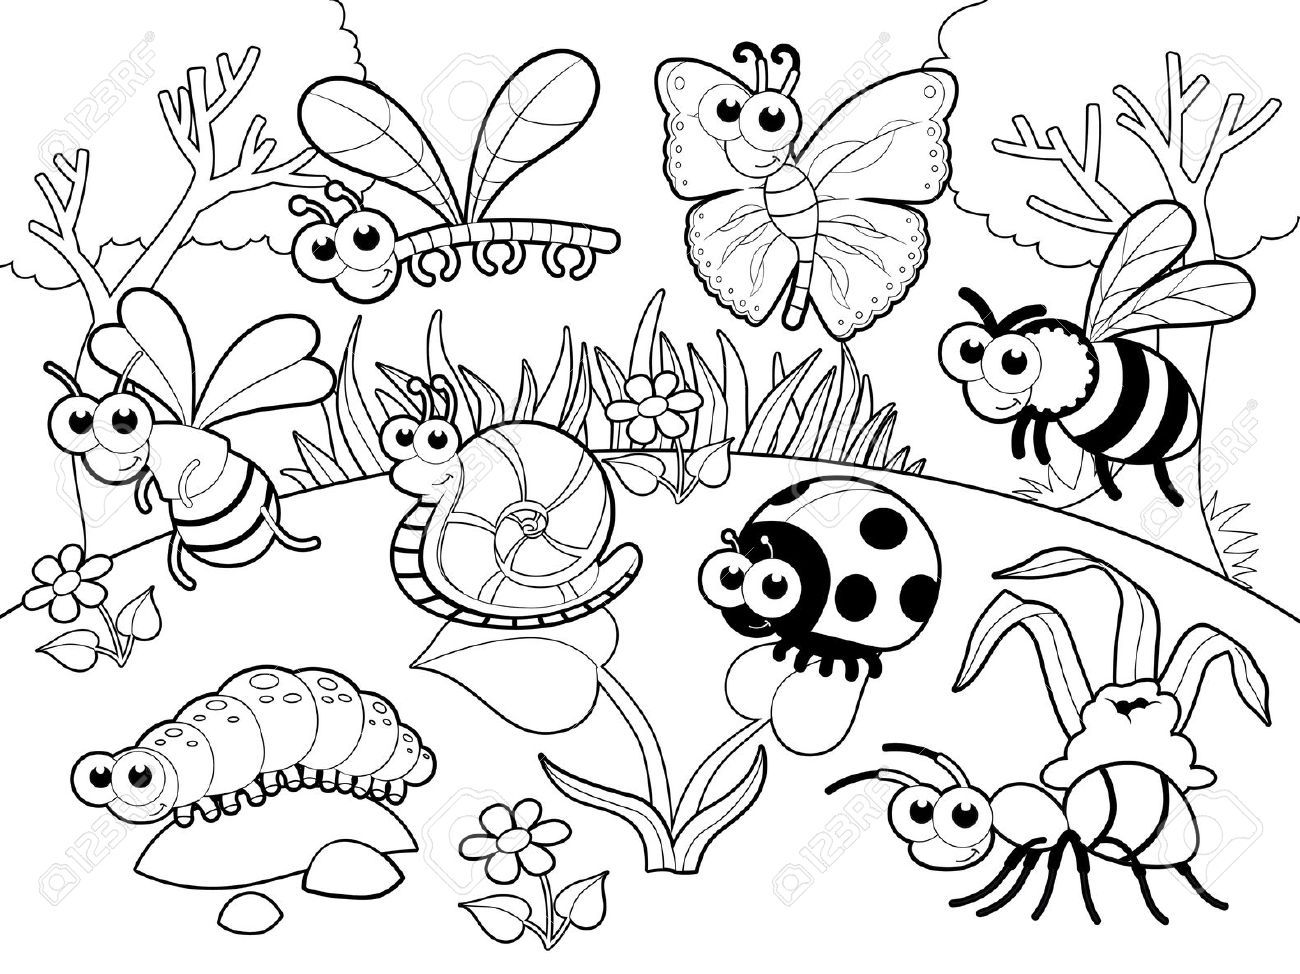 Resultado de imagen de fichas de insectos para relacionar nombre y ...